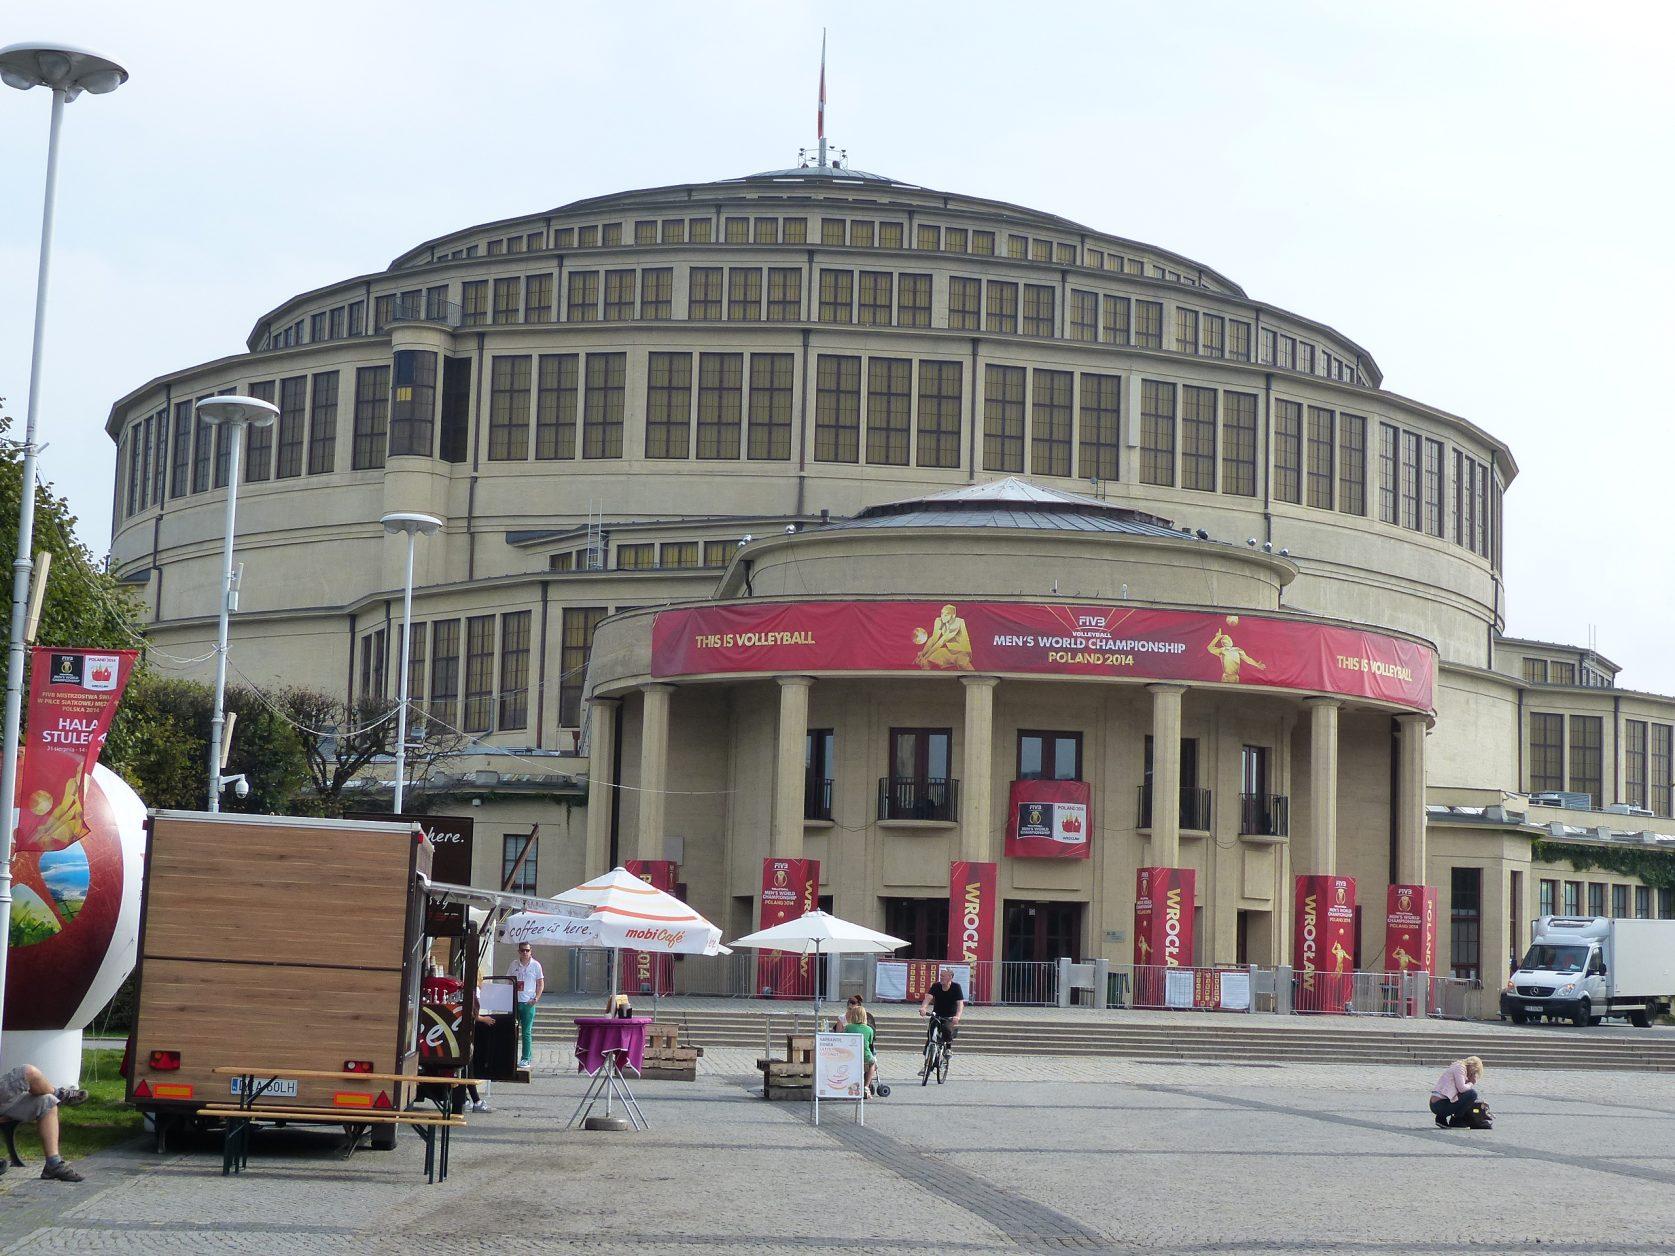 Die Kuppel der Jahrhunderhalle galt mit 65 Metern Durchmesser als größtes freitragendes Bauwerk der Welt. Foto: Weirauch